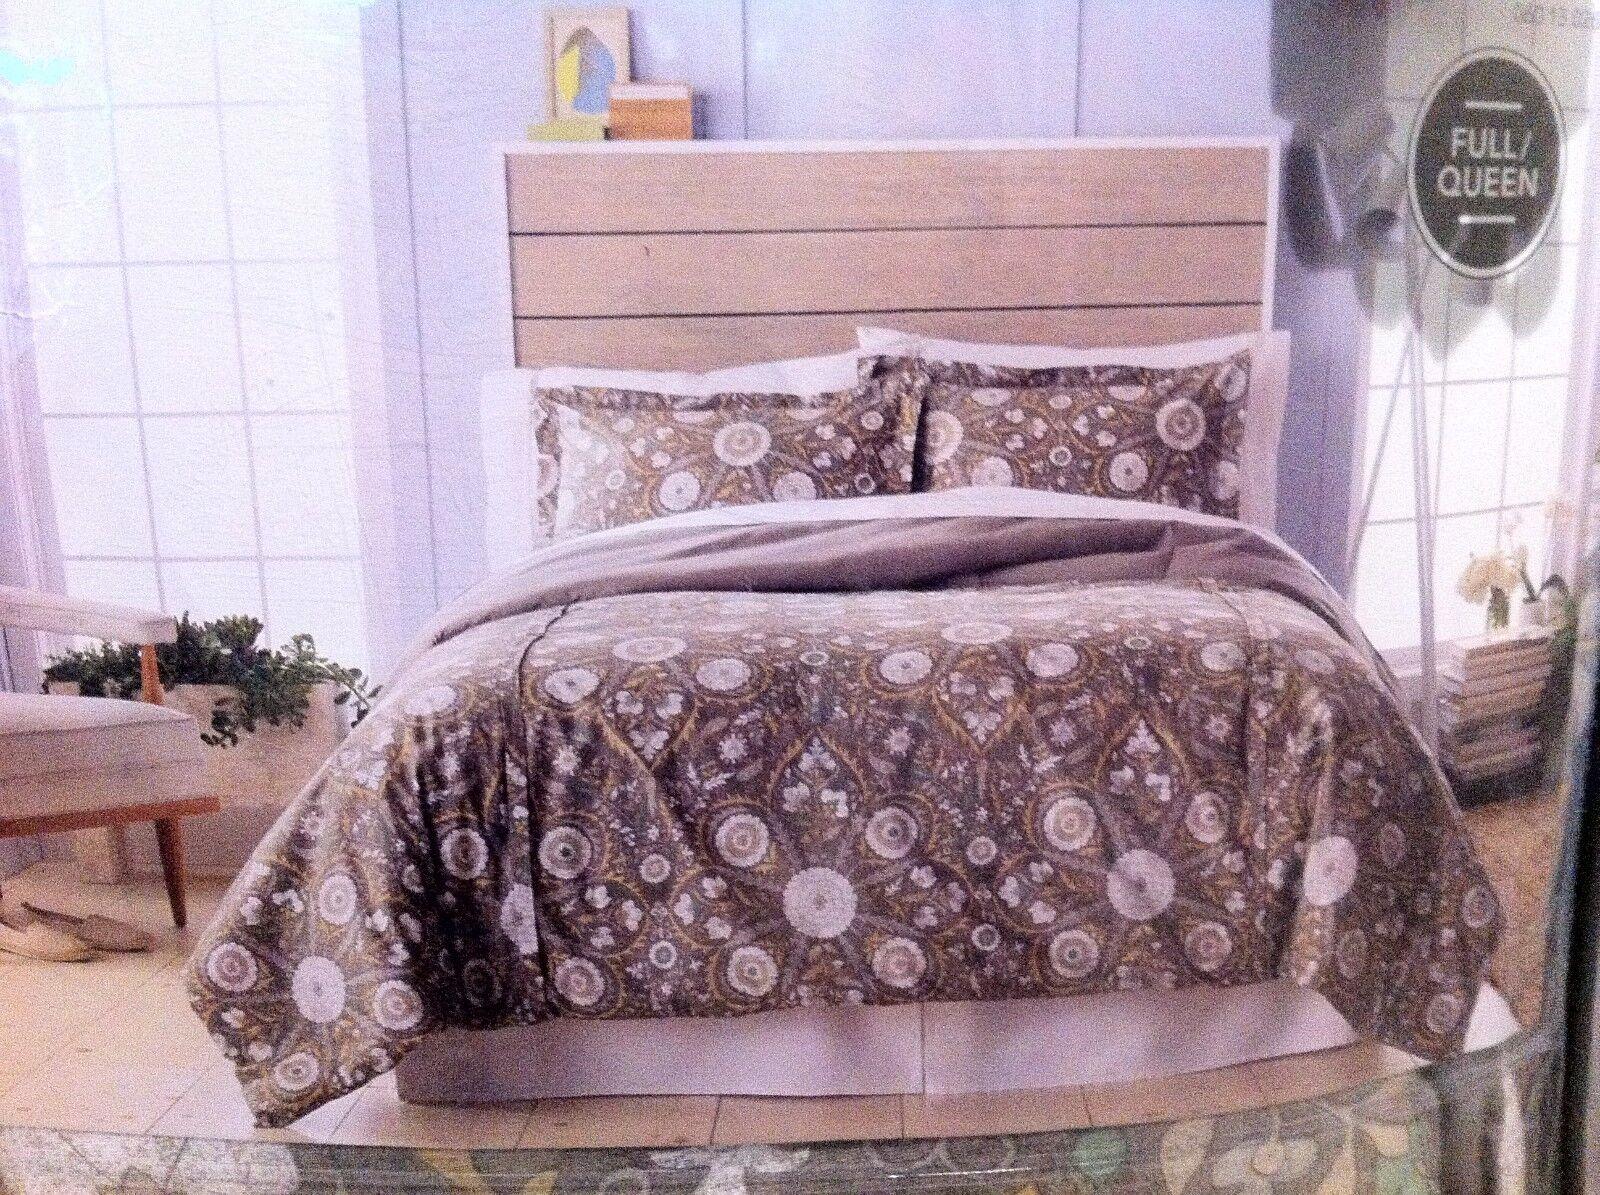 New Threshold 3 Pc Cotton Comforter Set Größe Full   Queen